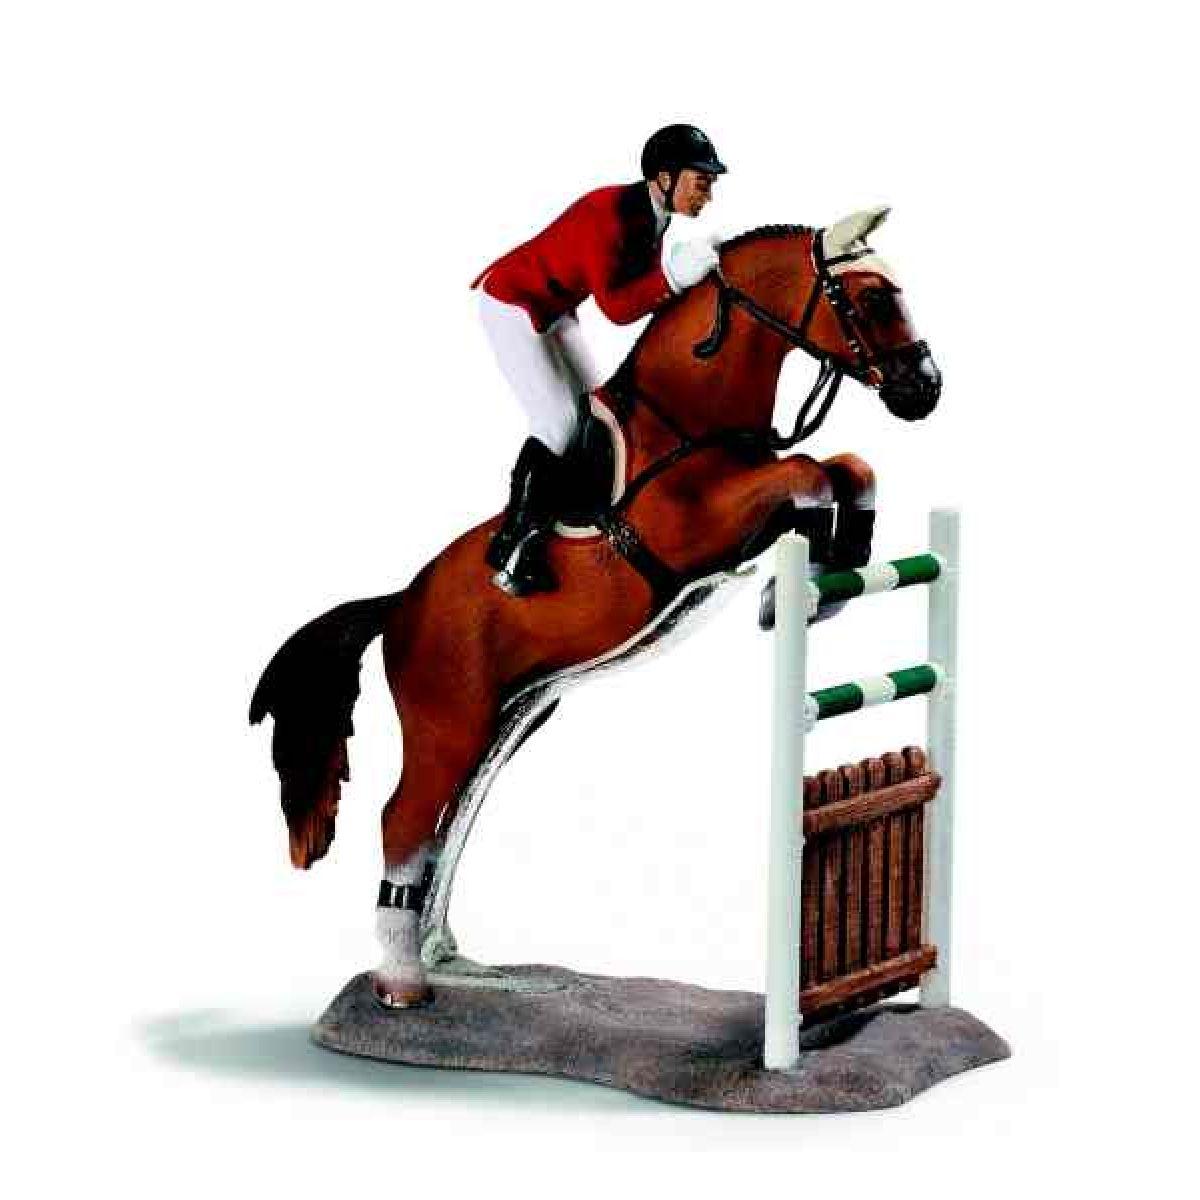 Kůň skákající přes překážku Schleich 42026